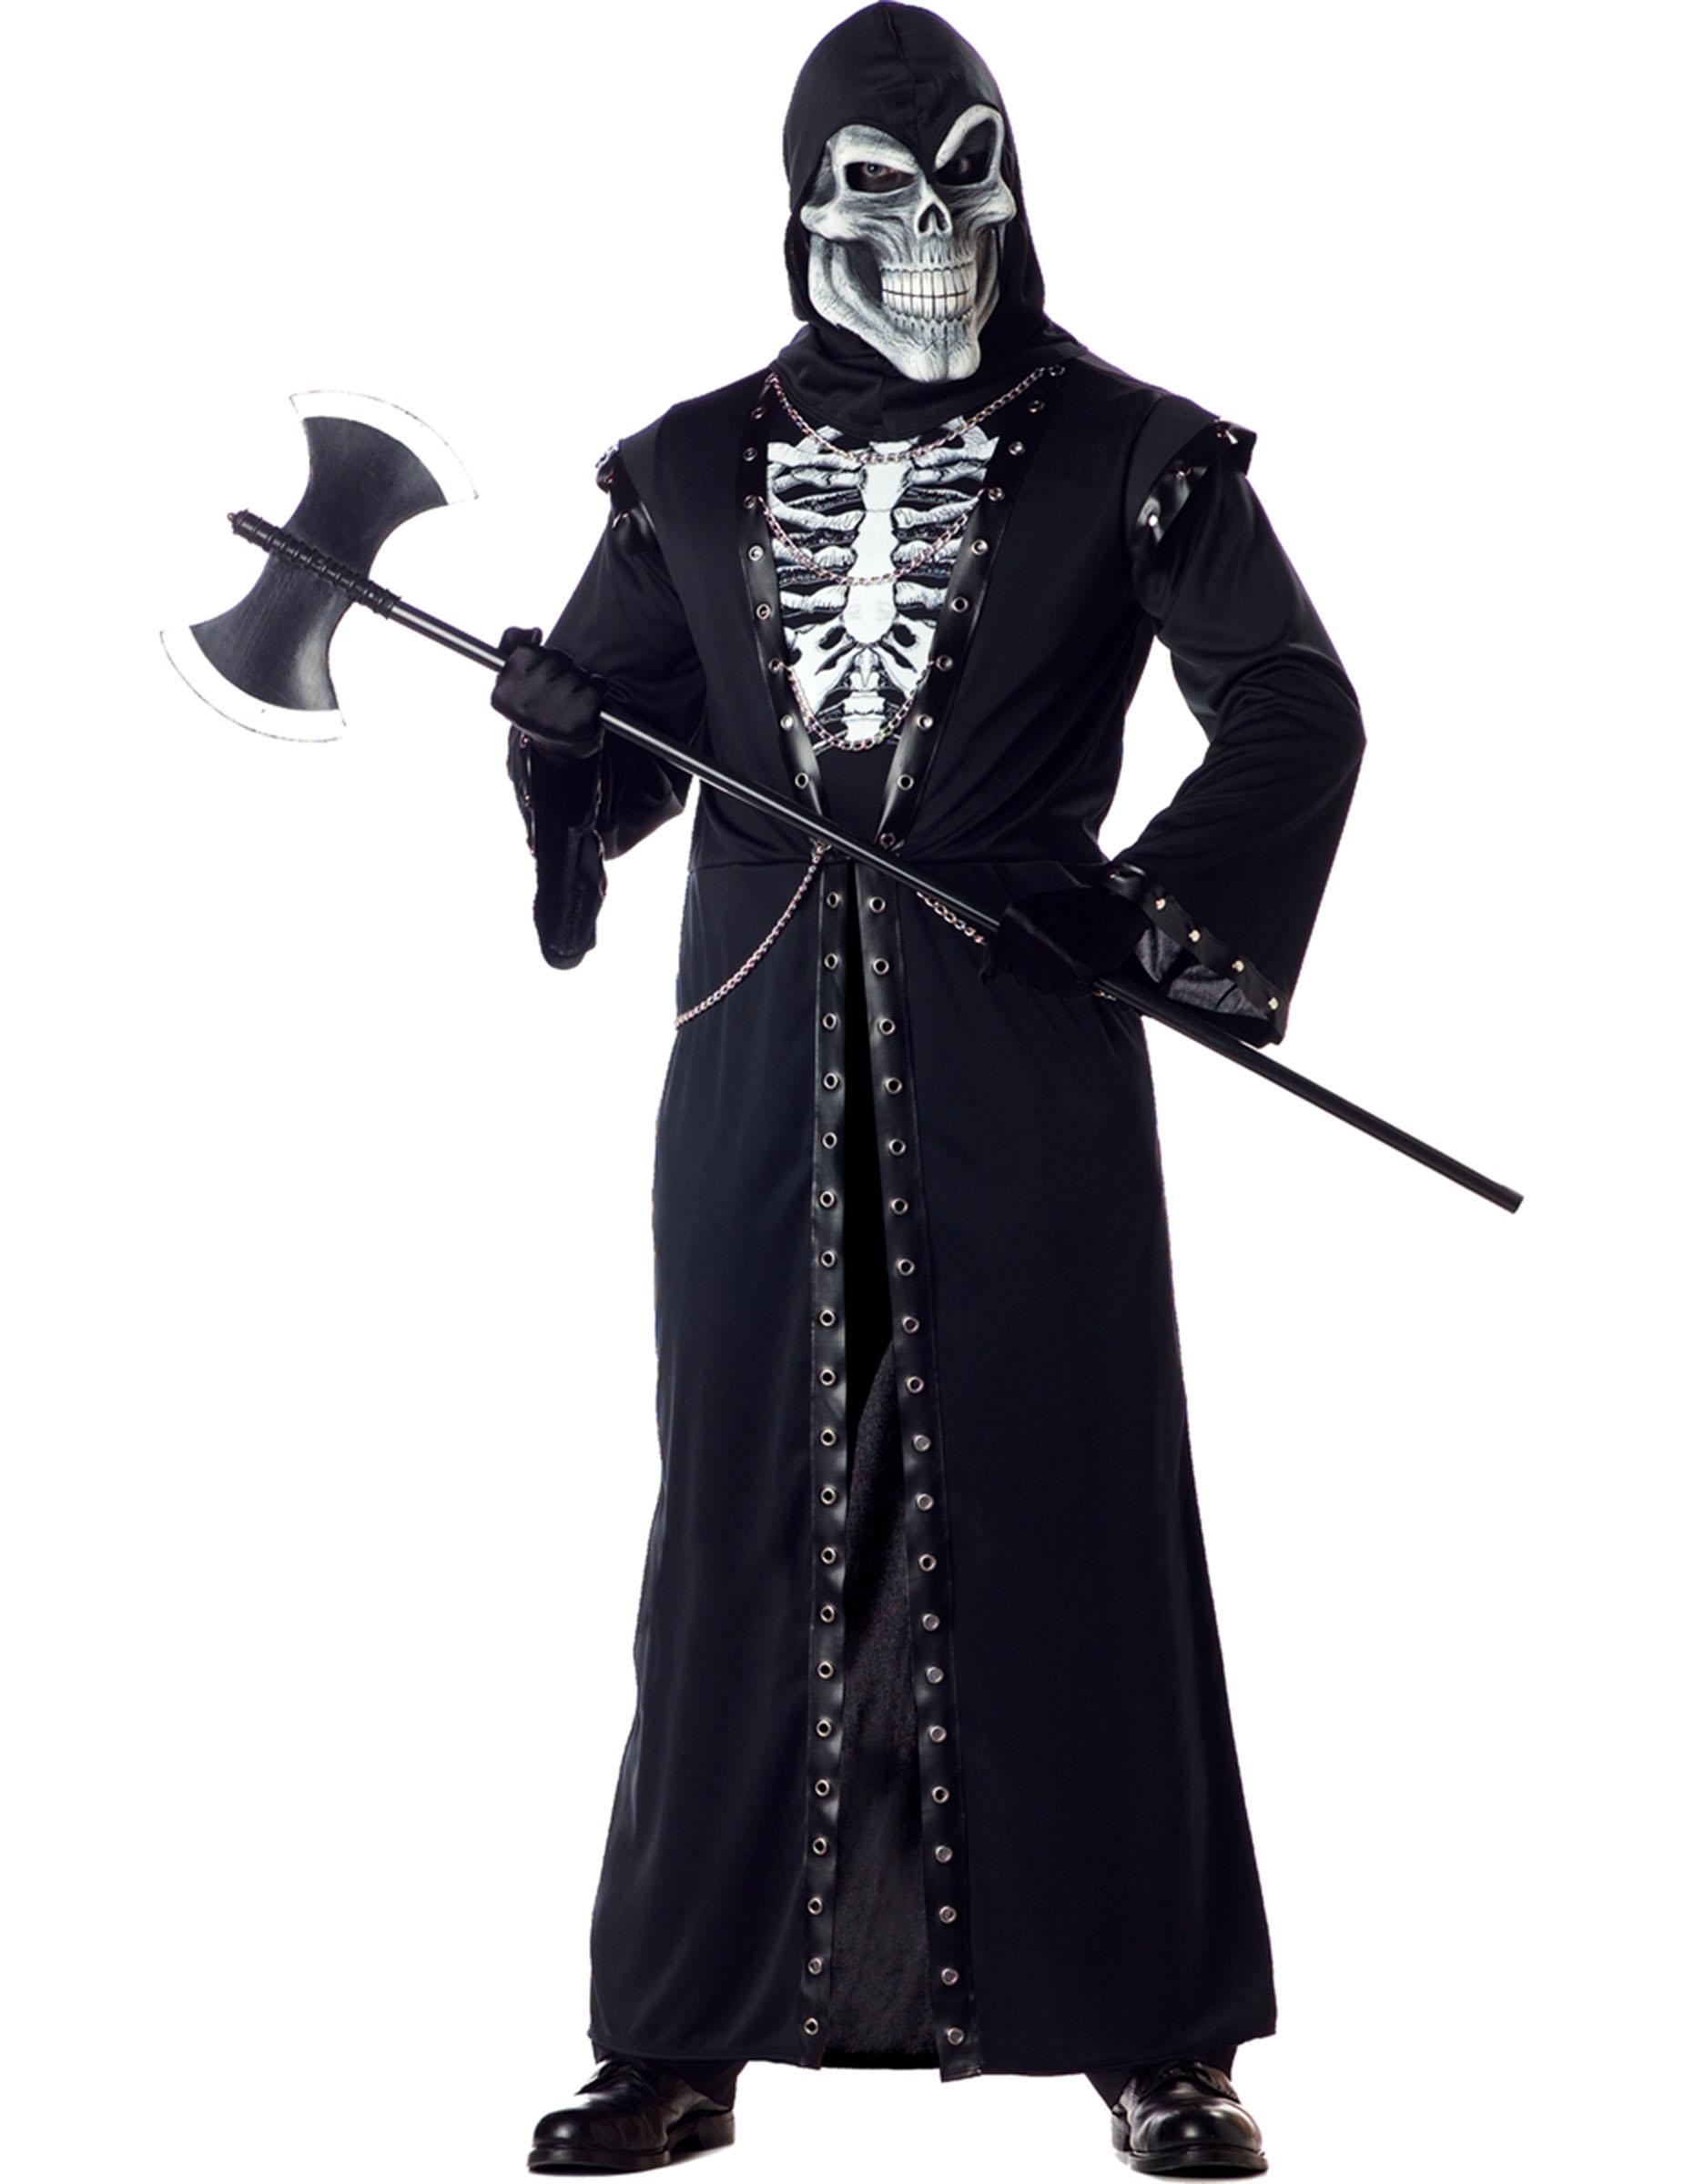 Enge Kostuums Halloween.Enge Skelet Kostuum Voor Volwassenen Halloween